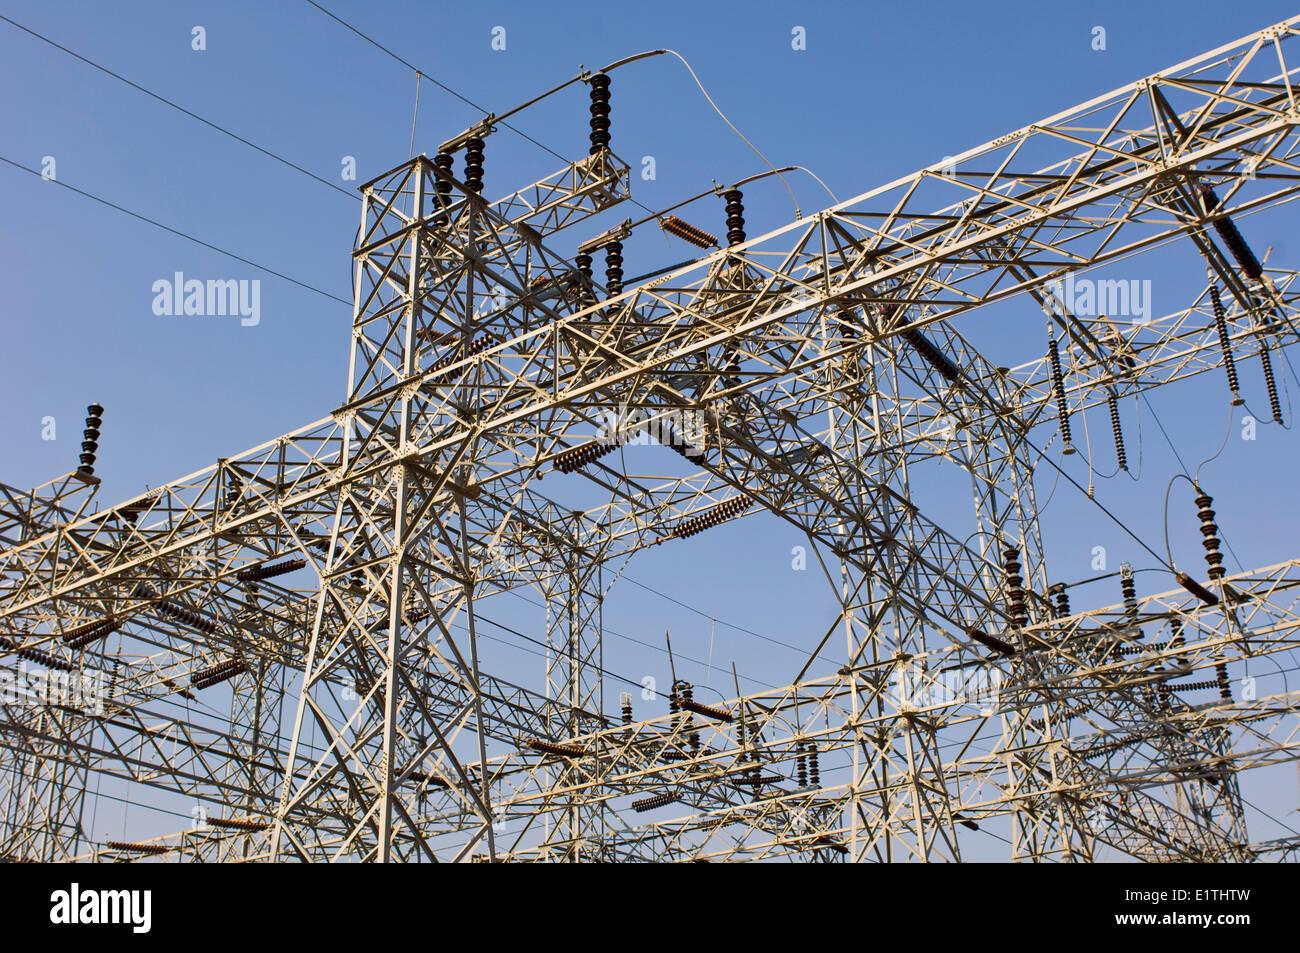 Elektrische Hochspannungsleitungen, Hoover Dam, Nevada, USA Stockbild